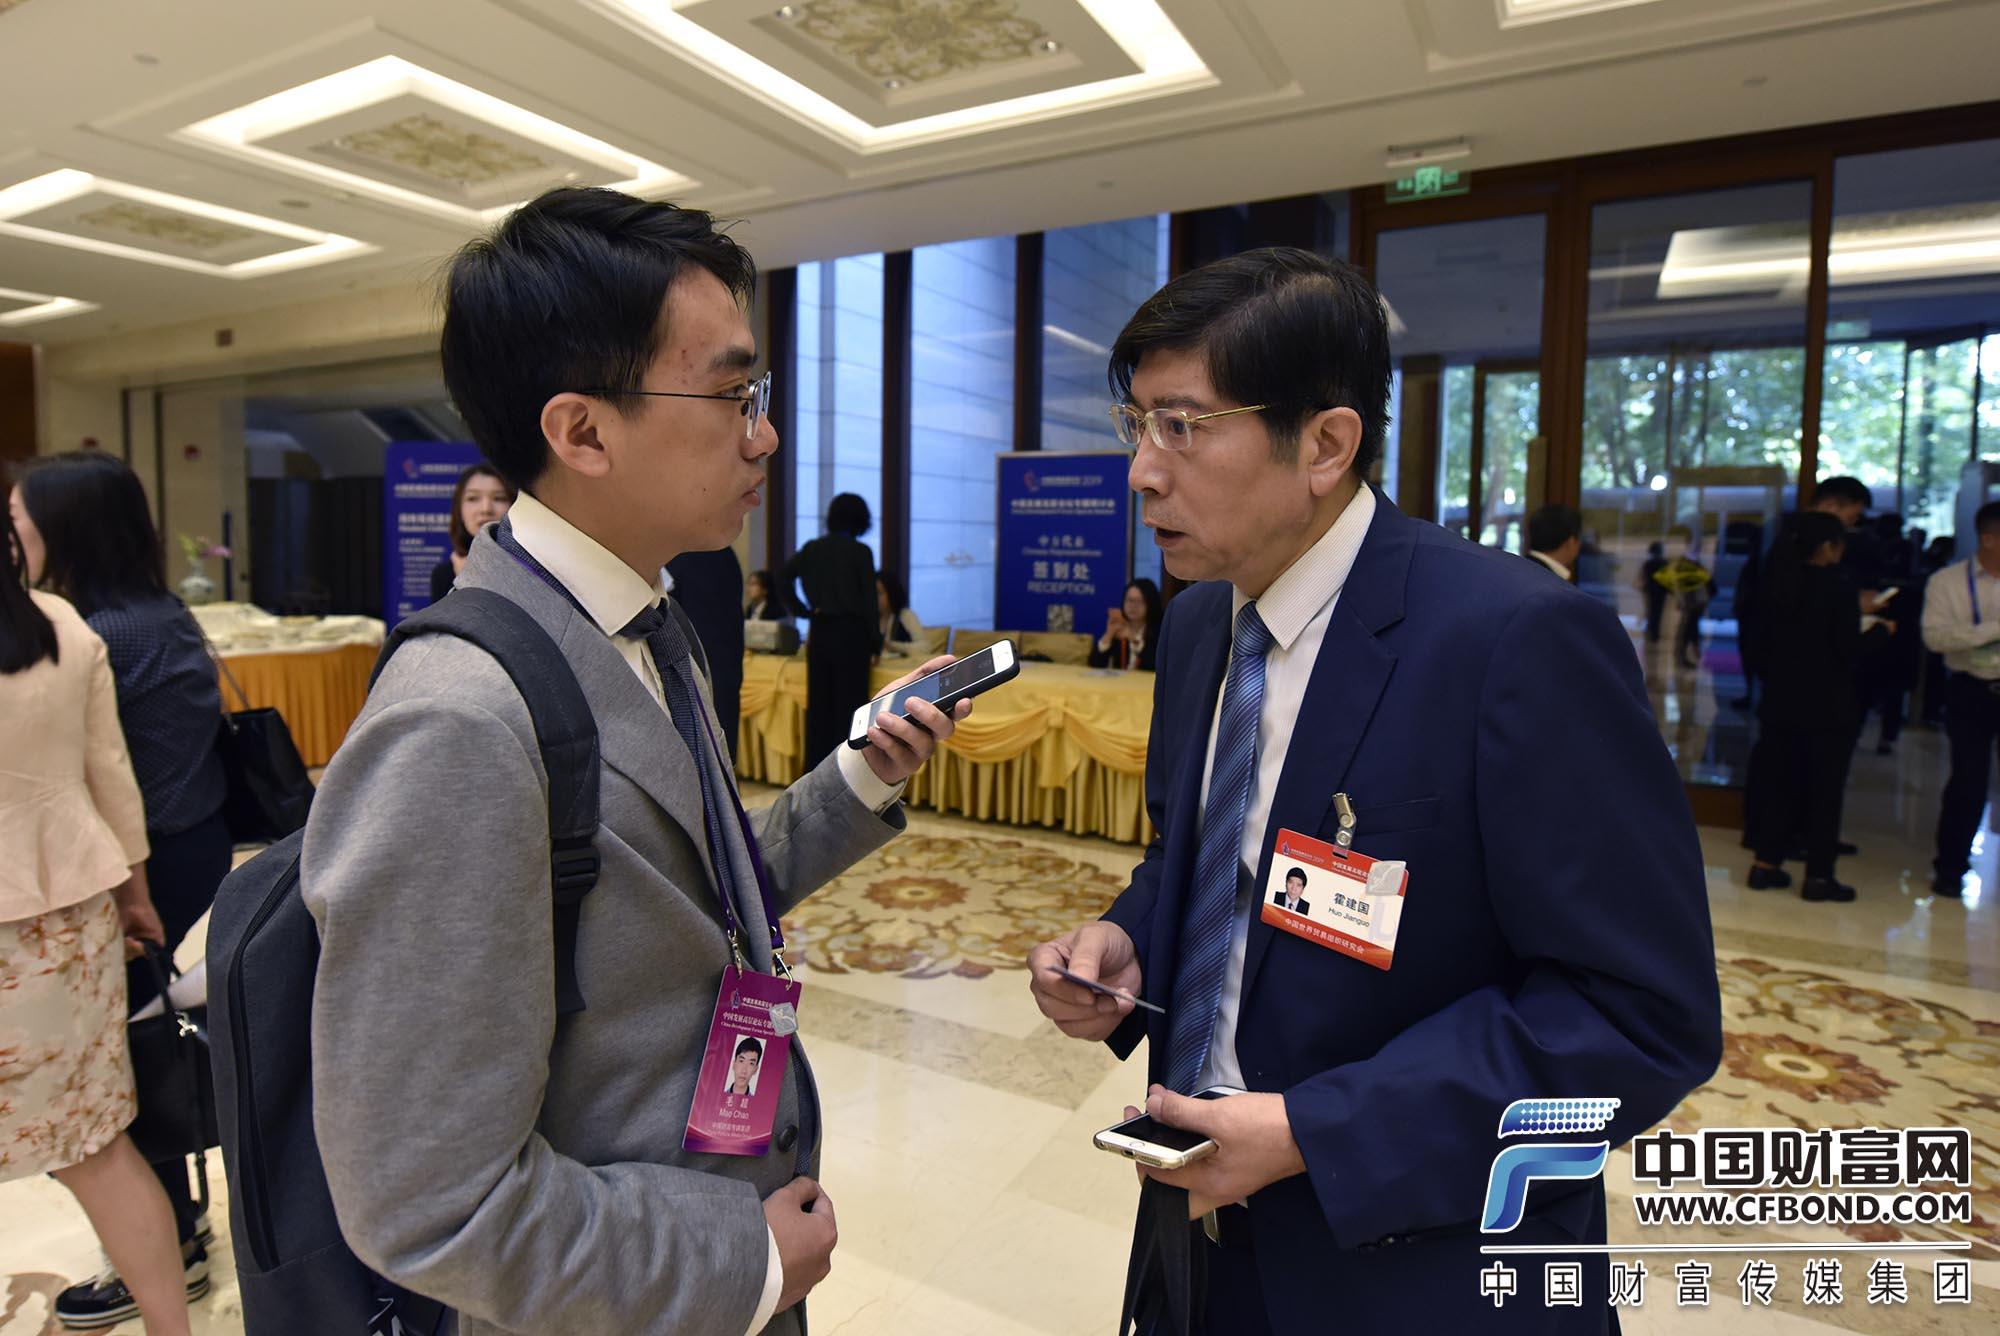 太阳神娱乐世界贸易组织研究会副会长霍建国接受采访